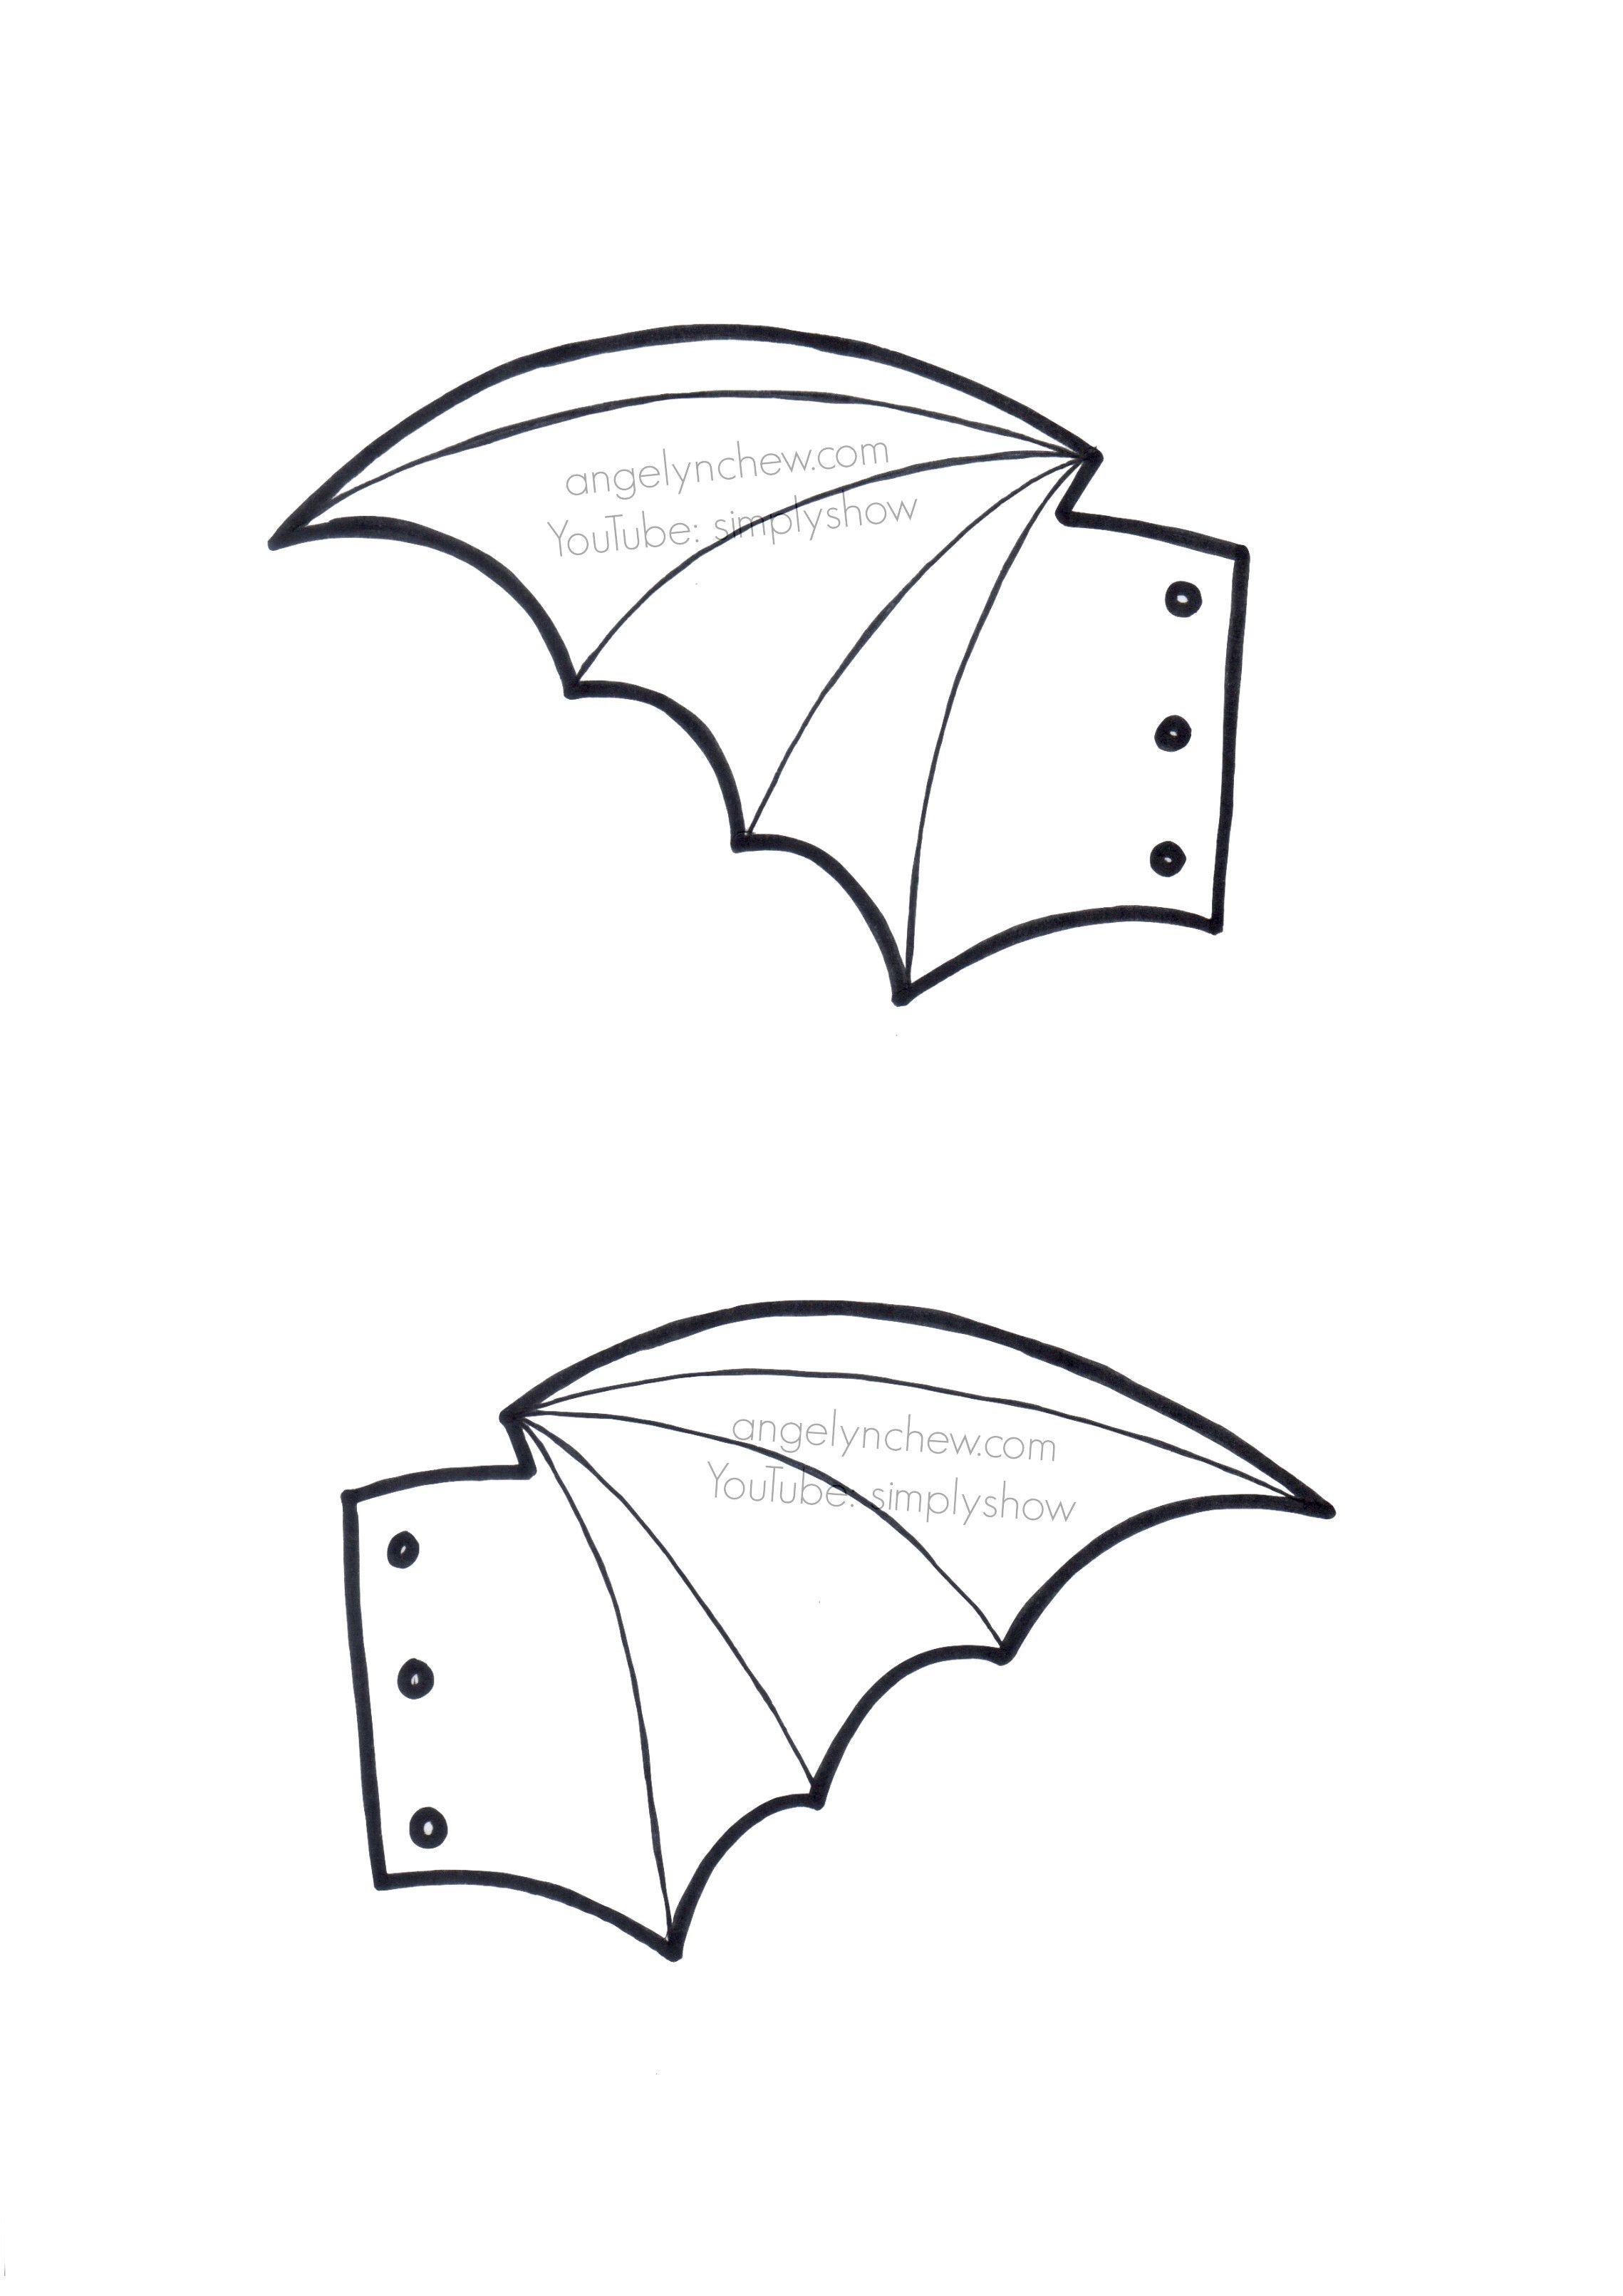 Ausgezeichnet Bat Vorlage Zeitgenössisch - FORTSETZUNG ARBEITSBLATT ...